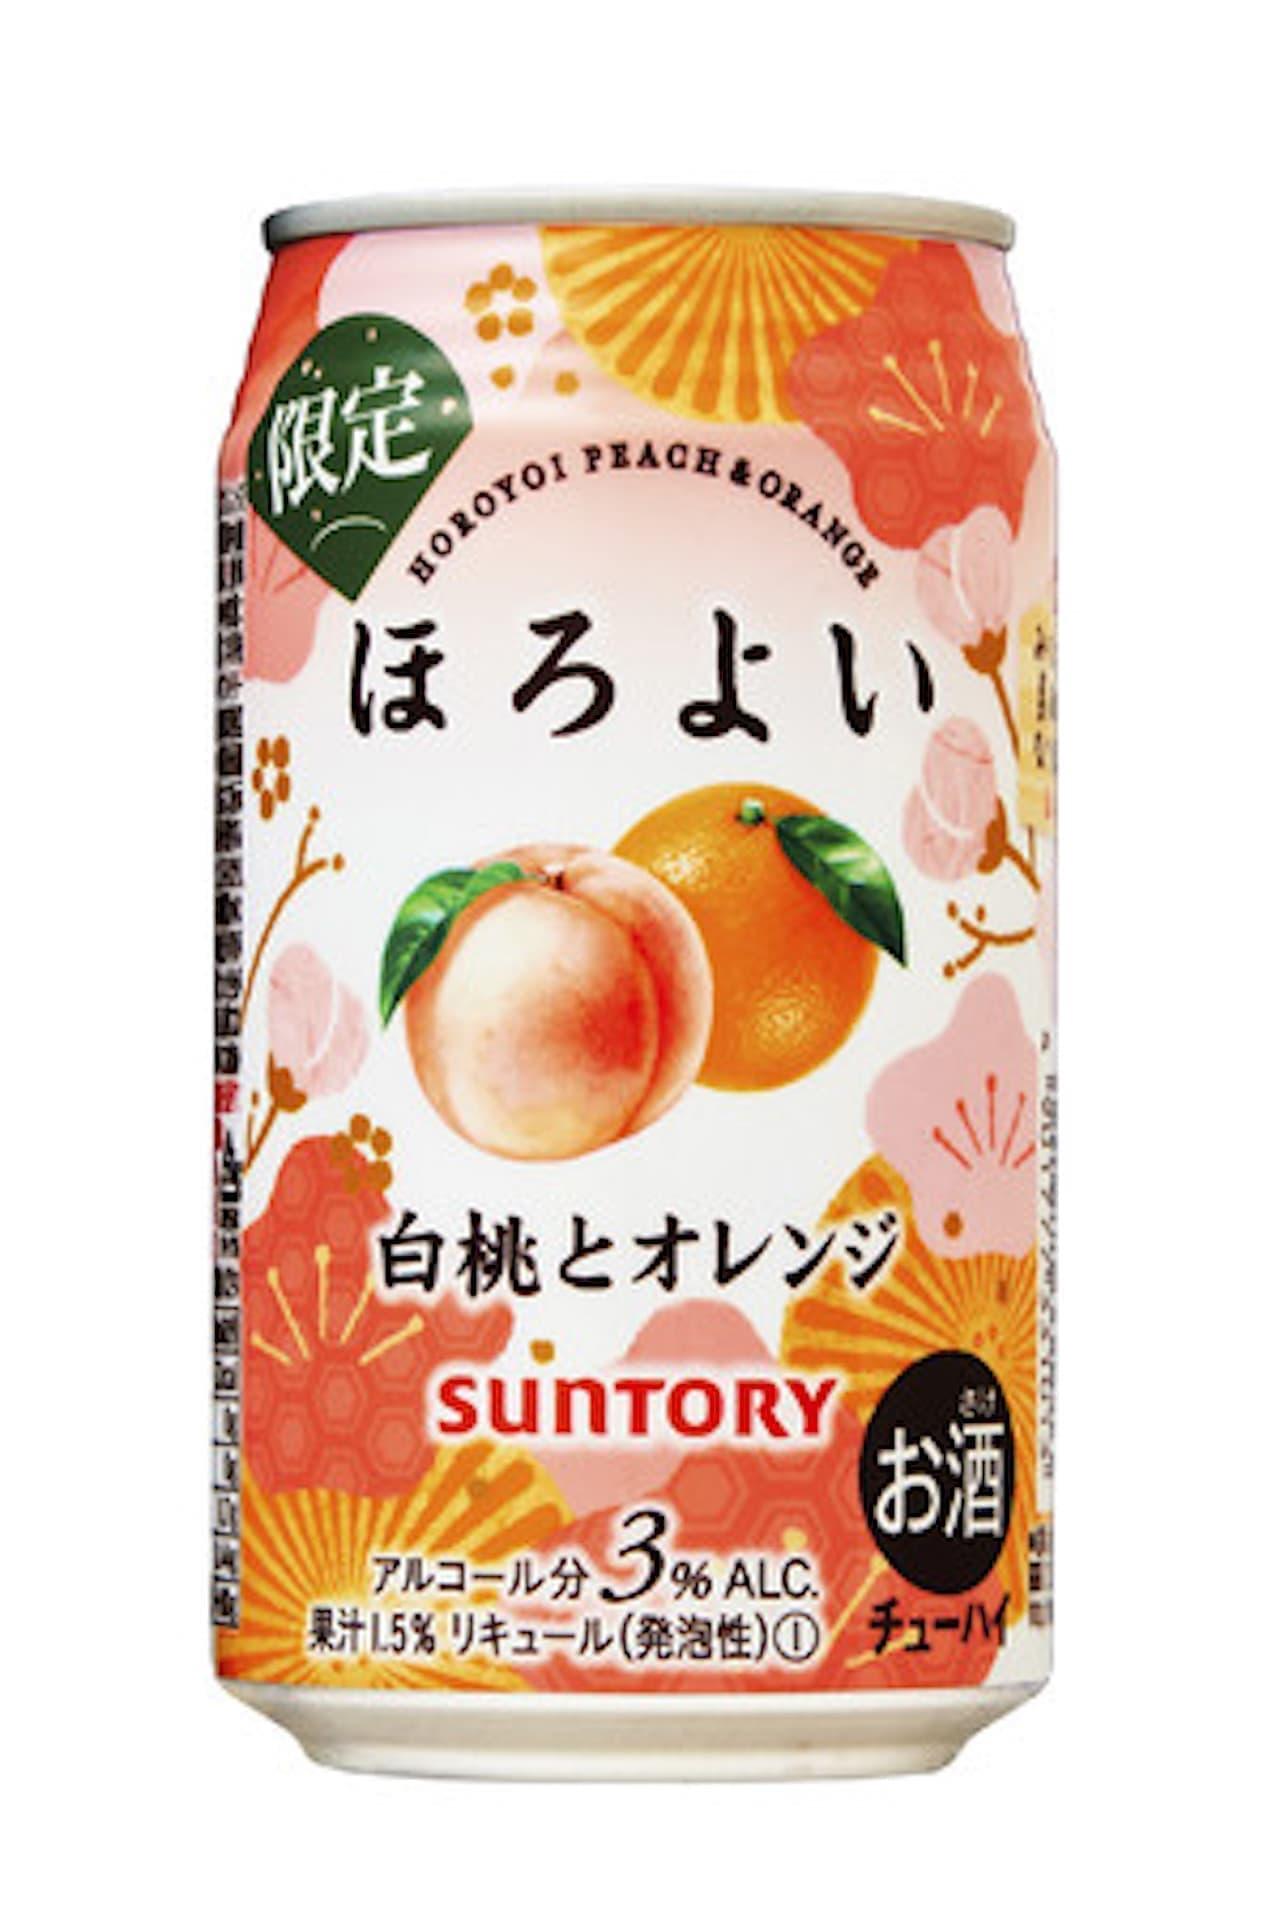 期間限定「ほろよい〈白桃とオレンジ〉」